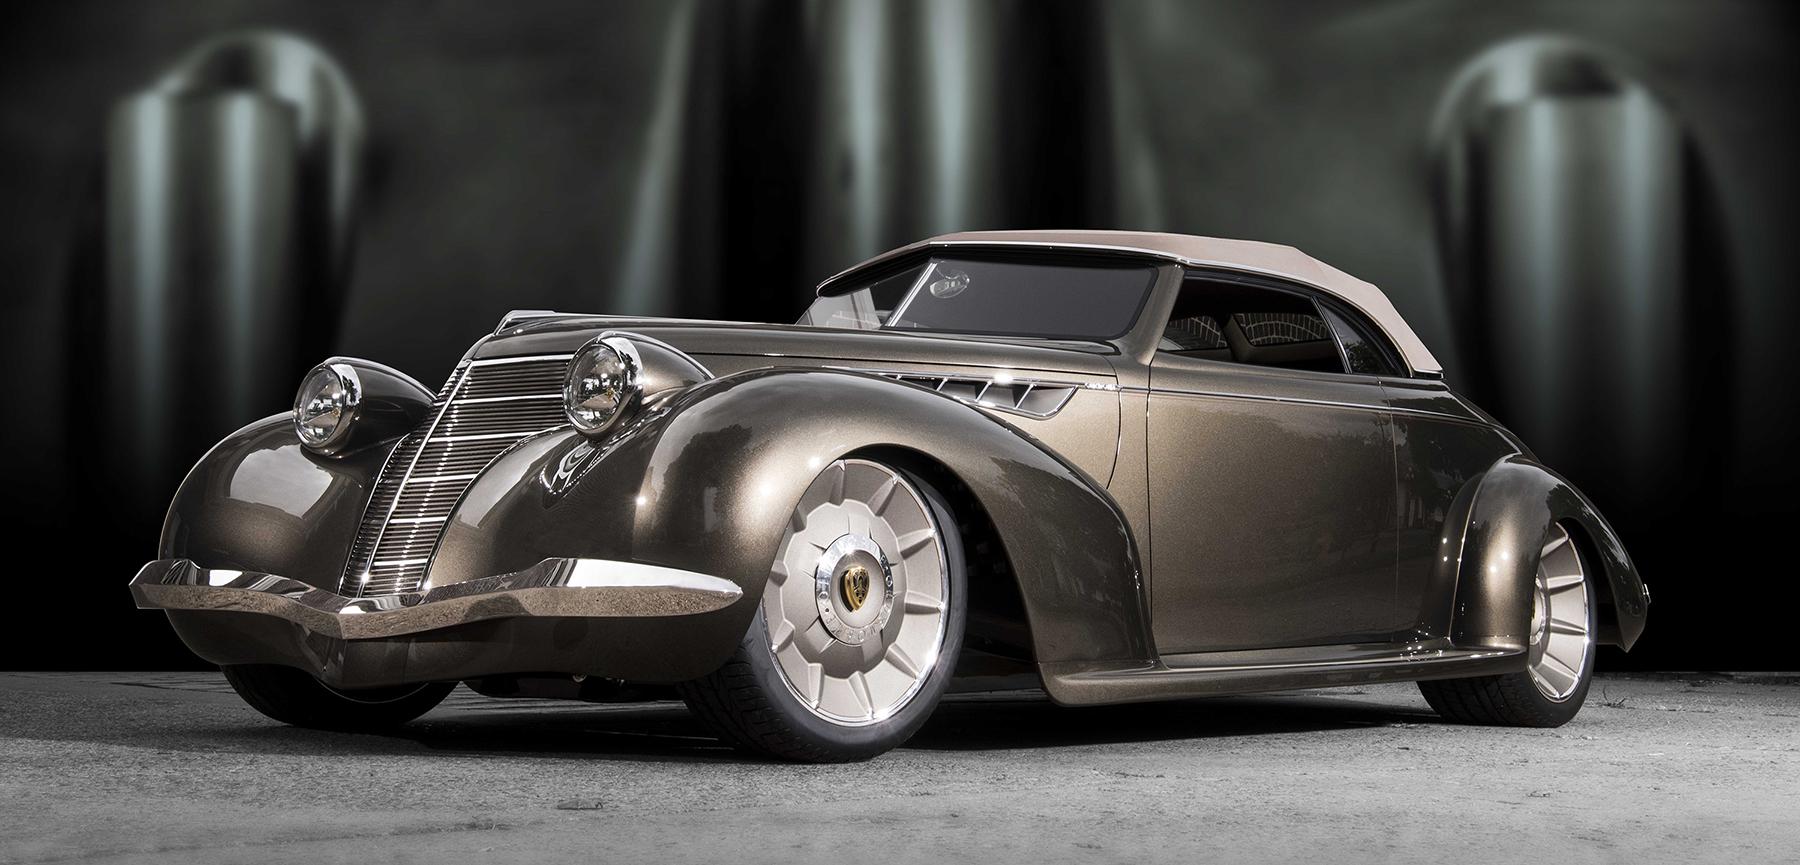 ppg-pr-1939-oldsmobile_olds-cool-8-16